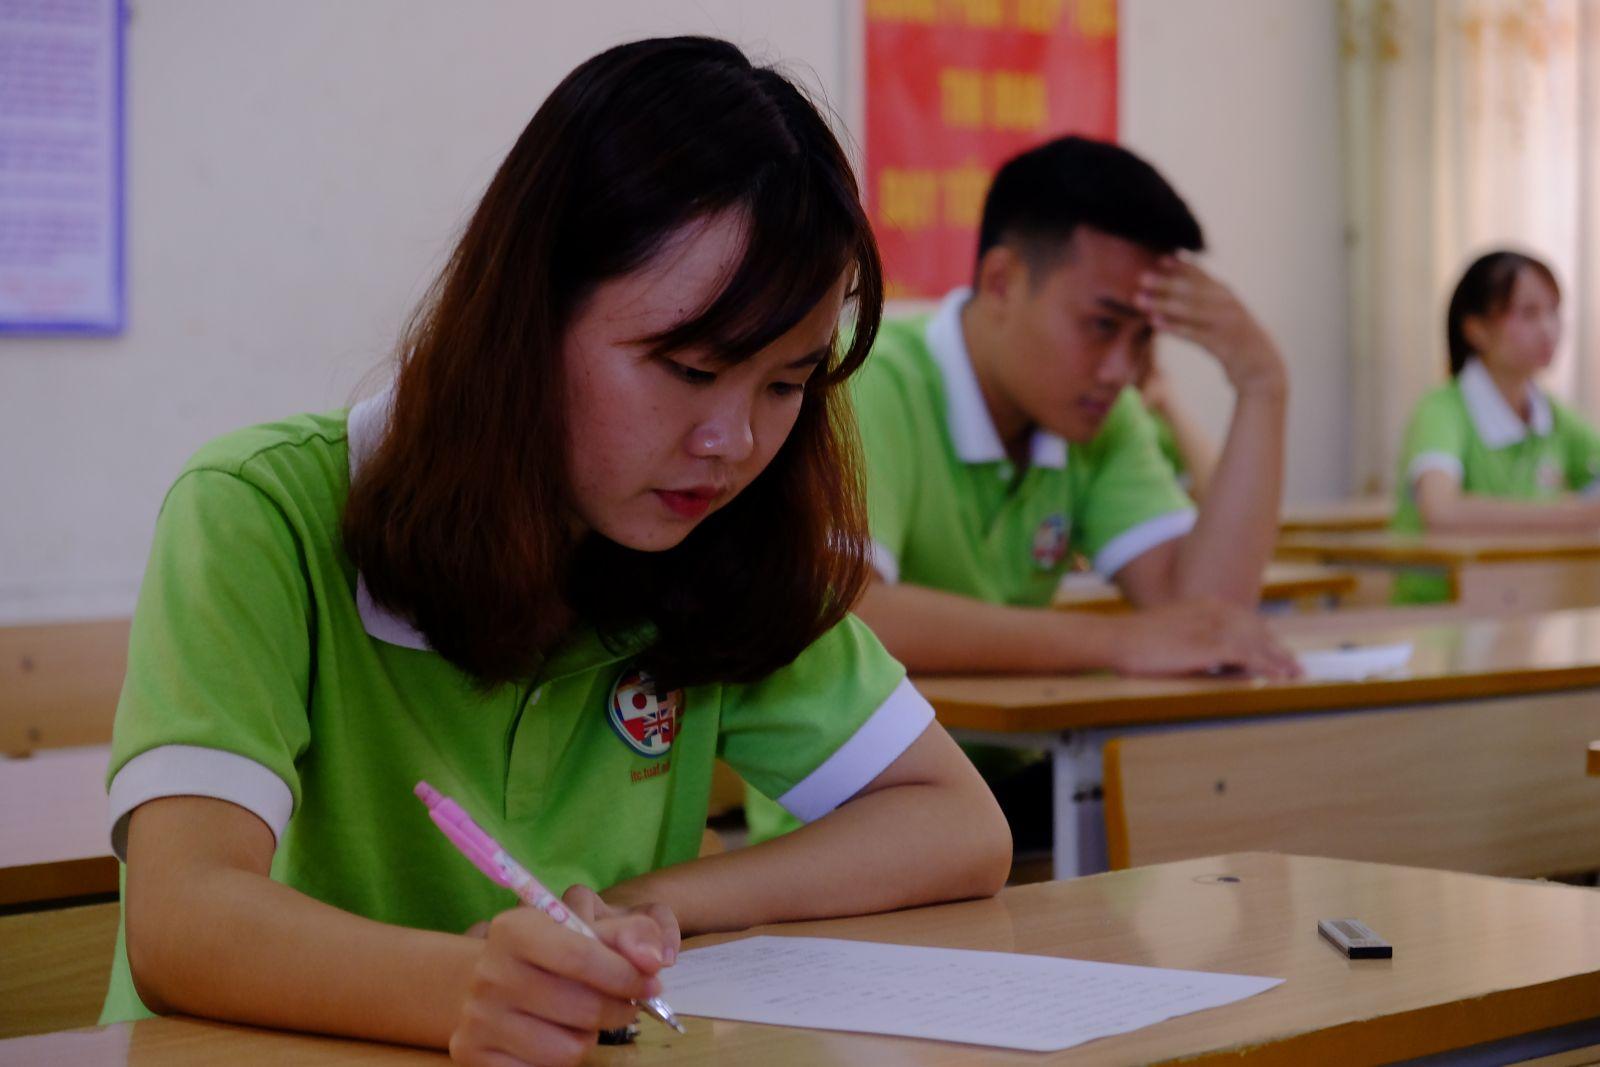 Do đã chuẩn bị kỹ lưỡng, các bạn thí sinh làm bài với tâm lý khá thoải mái. Bài thi cũng được đánh giá là không quá khó